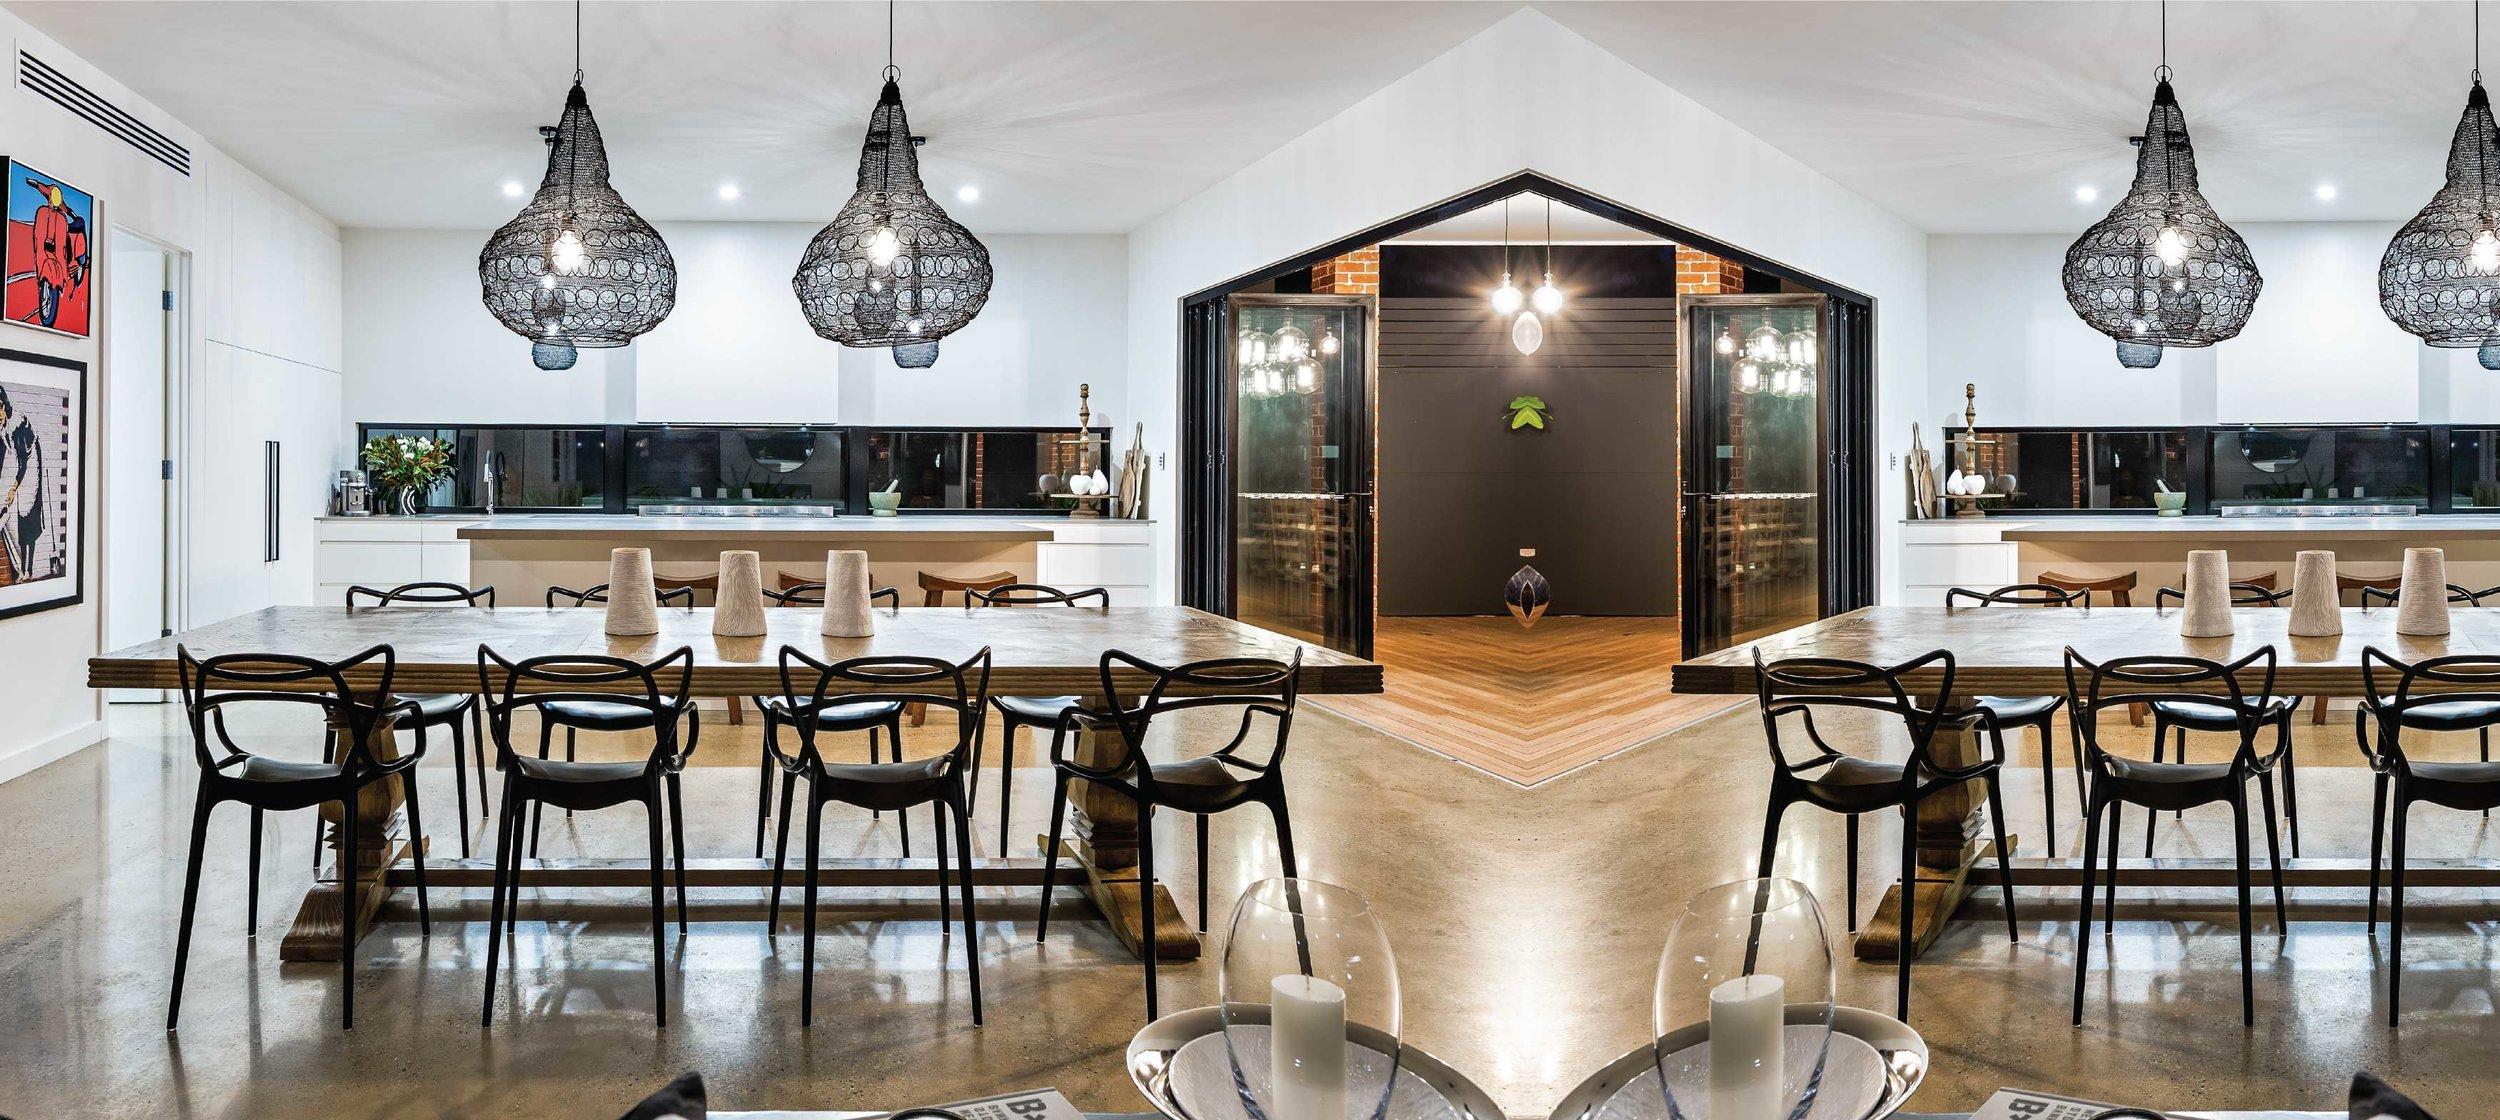 turnbull-built-new-homes-kitchen-adelaide.jpg